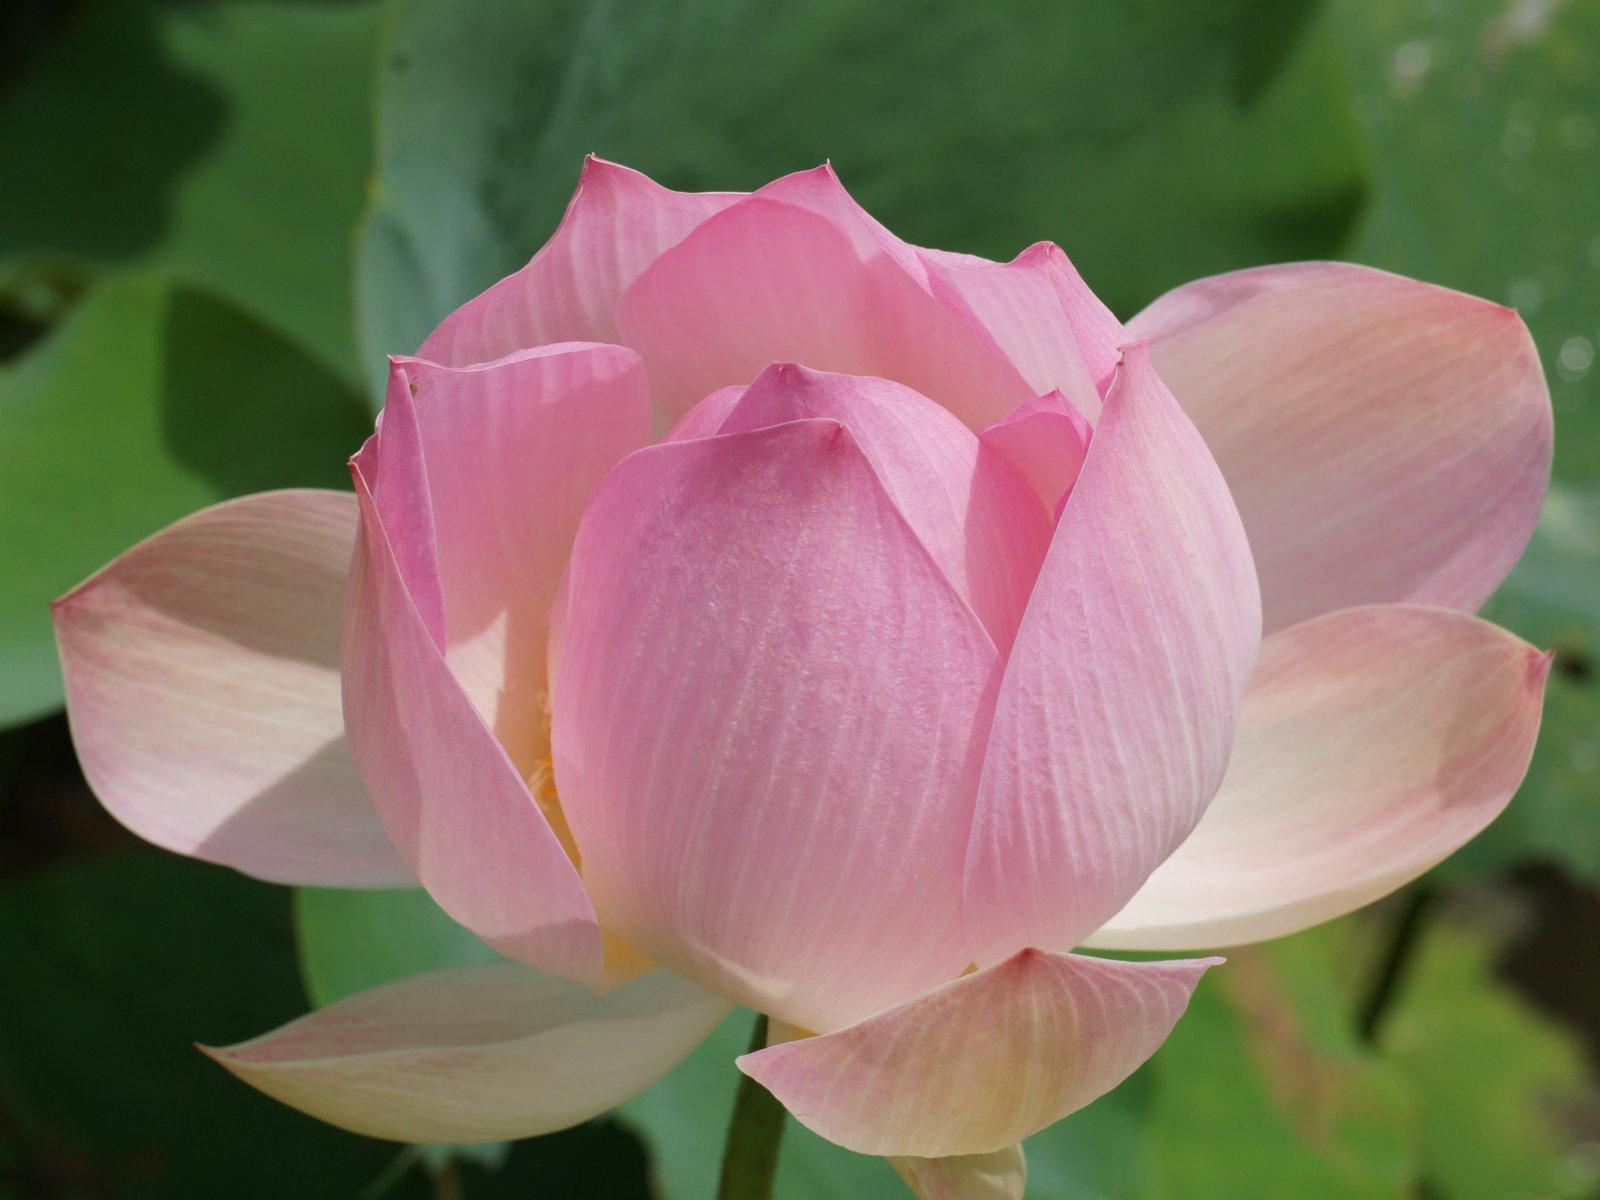 Pink lotus flower wallpaper lotus flower wallpapers wallpaper cave pink lotus flower wallpaper download izmirmasajfo